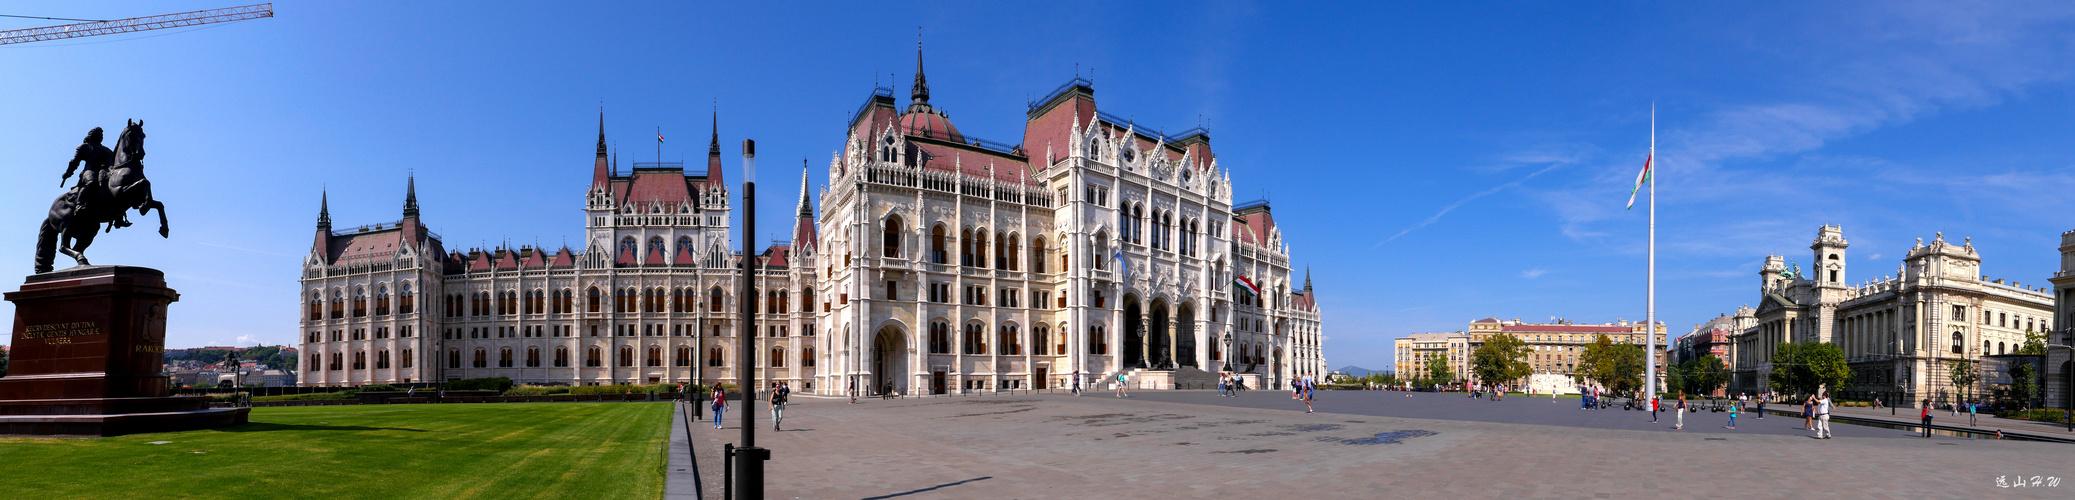 Parliament,Kossuth lajos square,Hungary